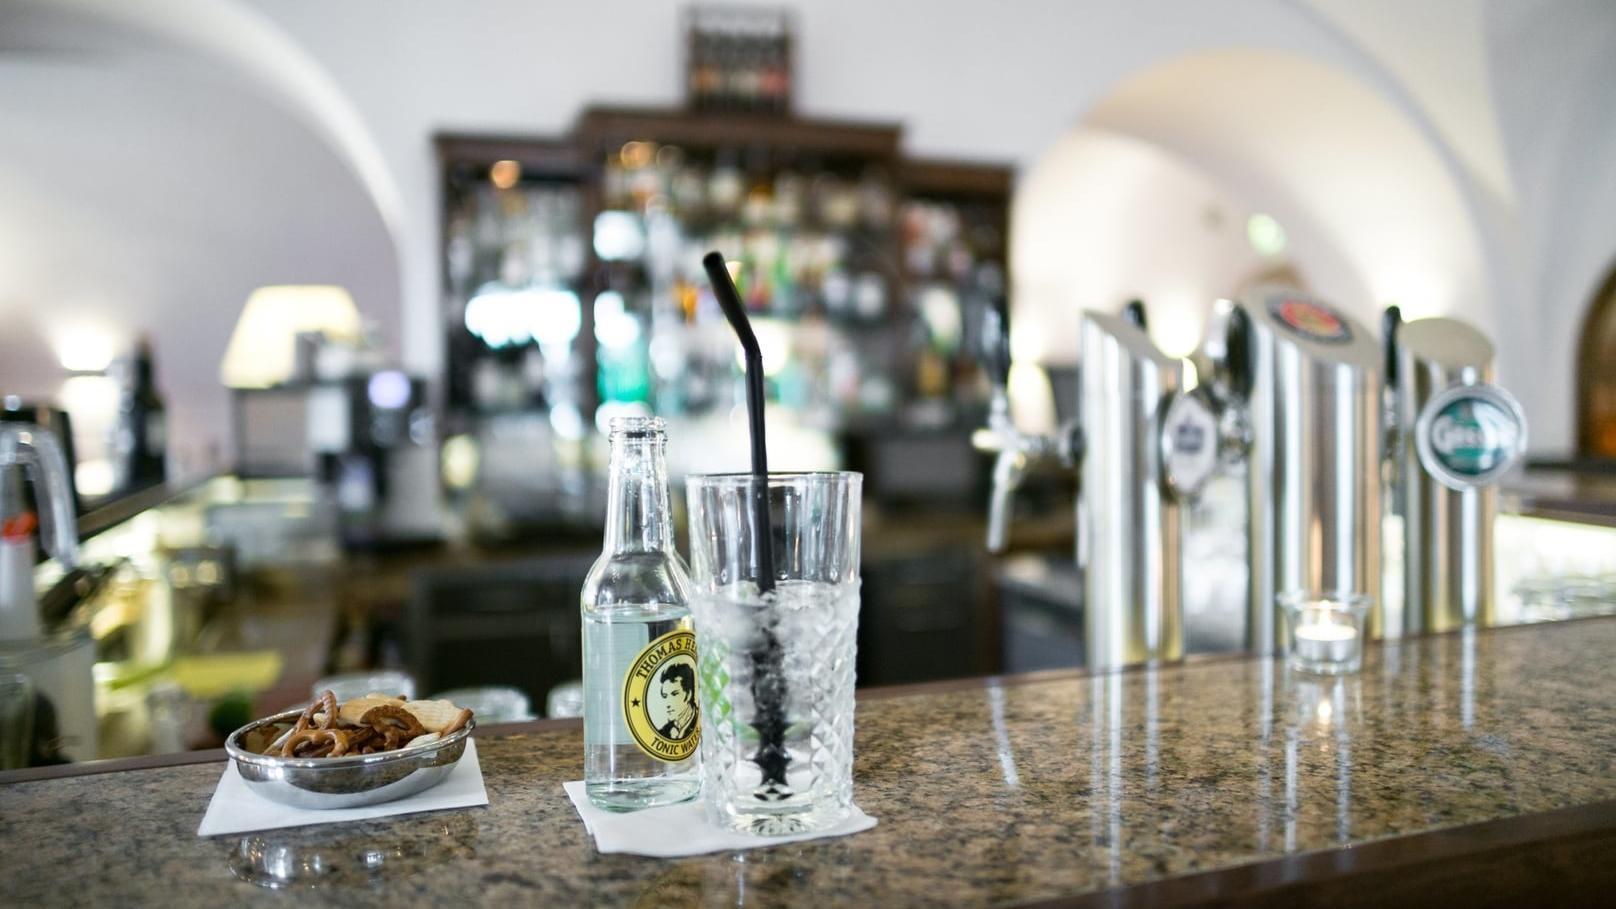 Schloss Café & Bar at Romantik Hotel Schloss Pichlarn